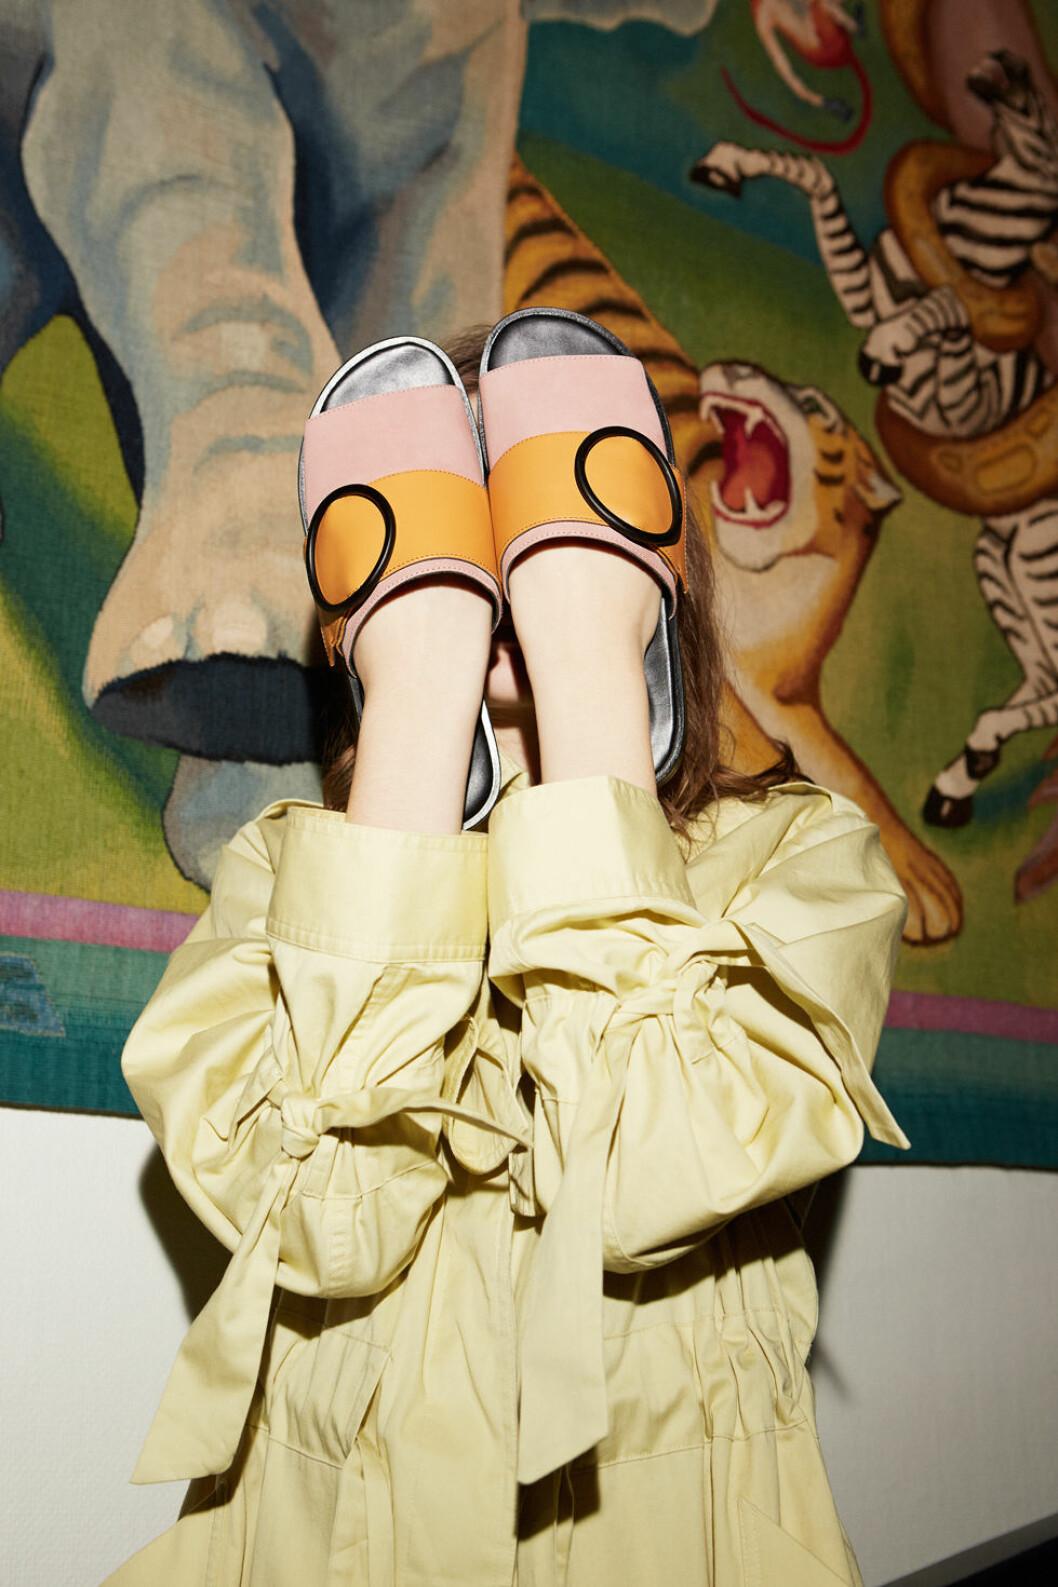 Rosa och orange skor.